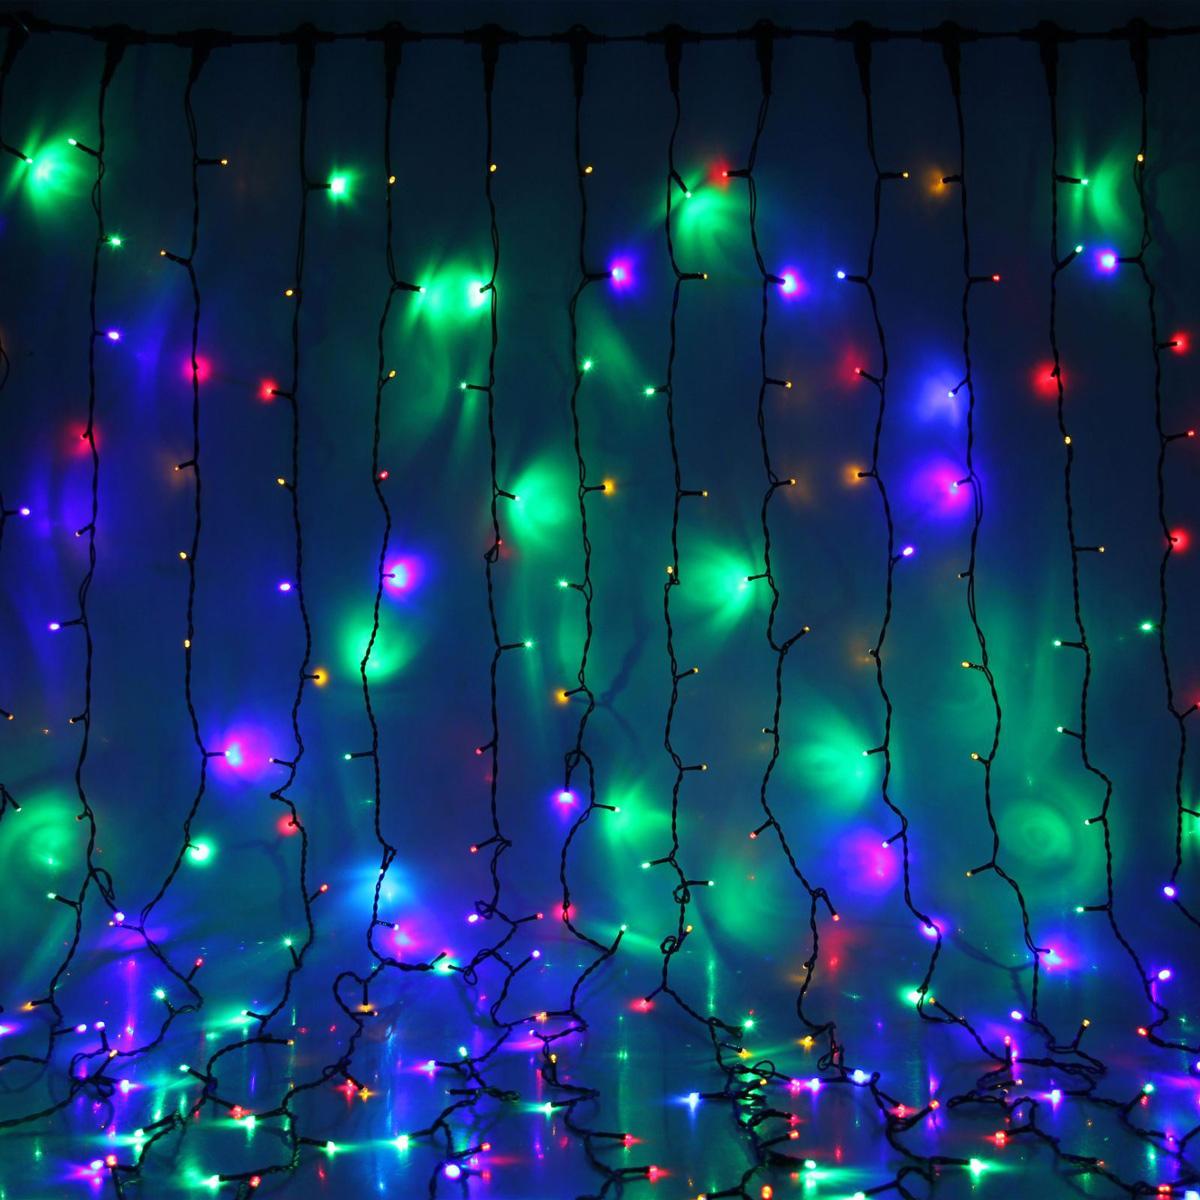 Гирлянда светодиодная Luazon Занавес, цвет: мультиколор, уличная, 1800 ламп, 220 V, 2 х 9 м. 10803091080244Светодиодные гирлянды и ленты — это отличный вариант для новогоднего оформления интерьера или фасада. С их помощью помещение любого размера можно превратить в праздничный зал, а внешние элементы зданий, украшенные ими, мгновенно станут напоминать очертания сказочного дворца. Такие украшения создают ауру предвкушения чуда. Деревья, фасады, витрины, окна и арки будто специально созданы, чтобы вы украсили их светящимися нитями.